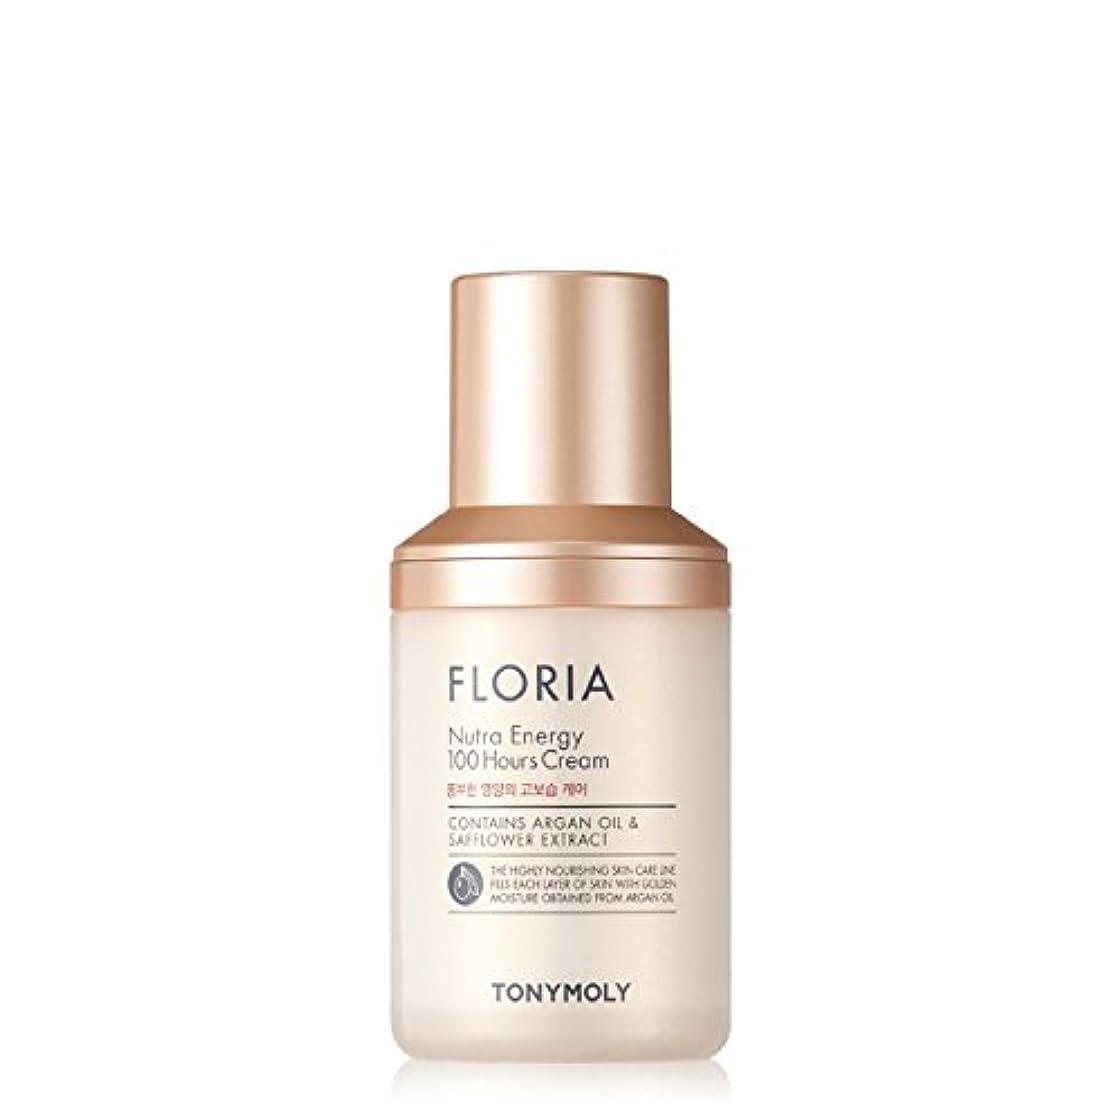 南方の最も早い冷酷な[NEW] TONY MOLY Floria Nutra energy 100 hours Cream 50ml トニーモリー フローリア ニュートラ エナジー 100時間 クリーム 50ml [並行輸入品]